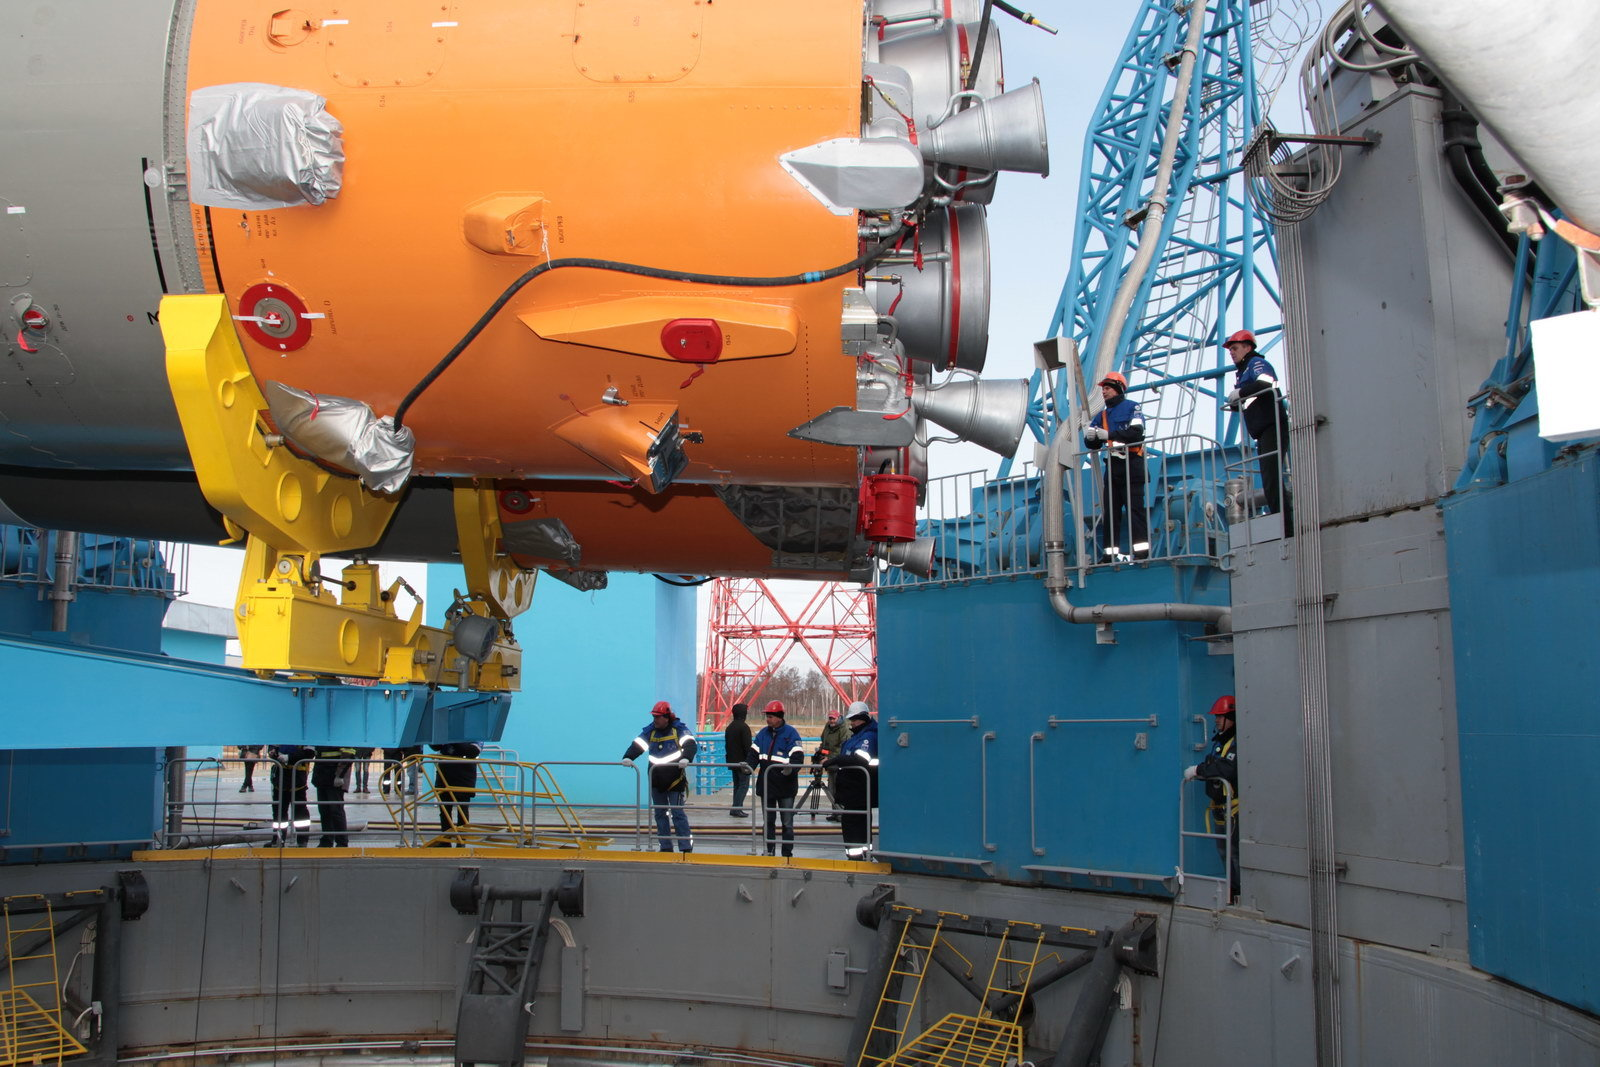 На космодроме Восточный установили ракету-носитель «Союз 2.1а» для первого запуска - 10